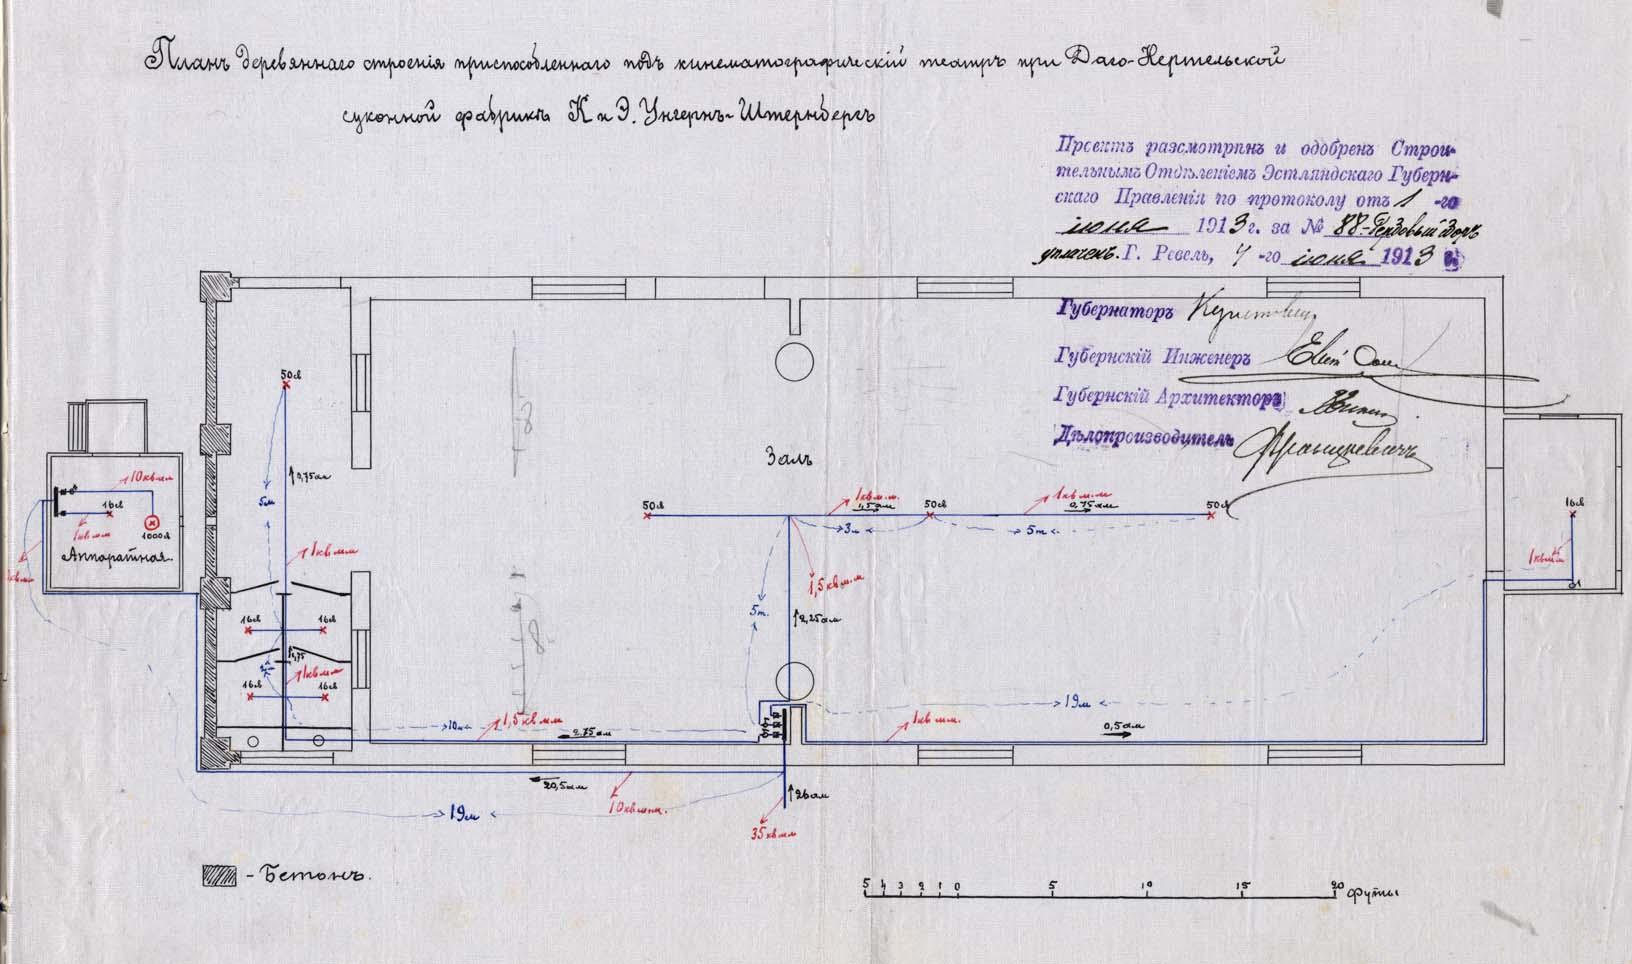 Hiiu-Kärdla vabrikukino plaan. Kinnitusallkirja andis teiste seas ka kuberner. RA, EAA.33.3.3051, l. 22a. 33_3_3051_22a